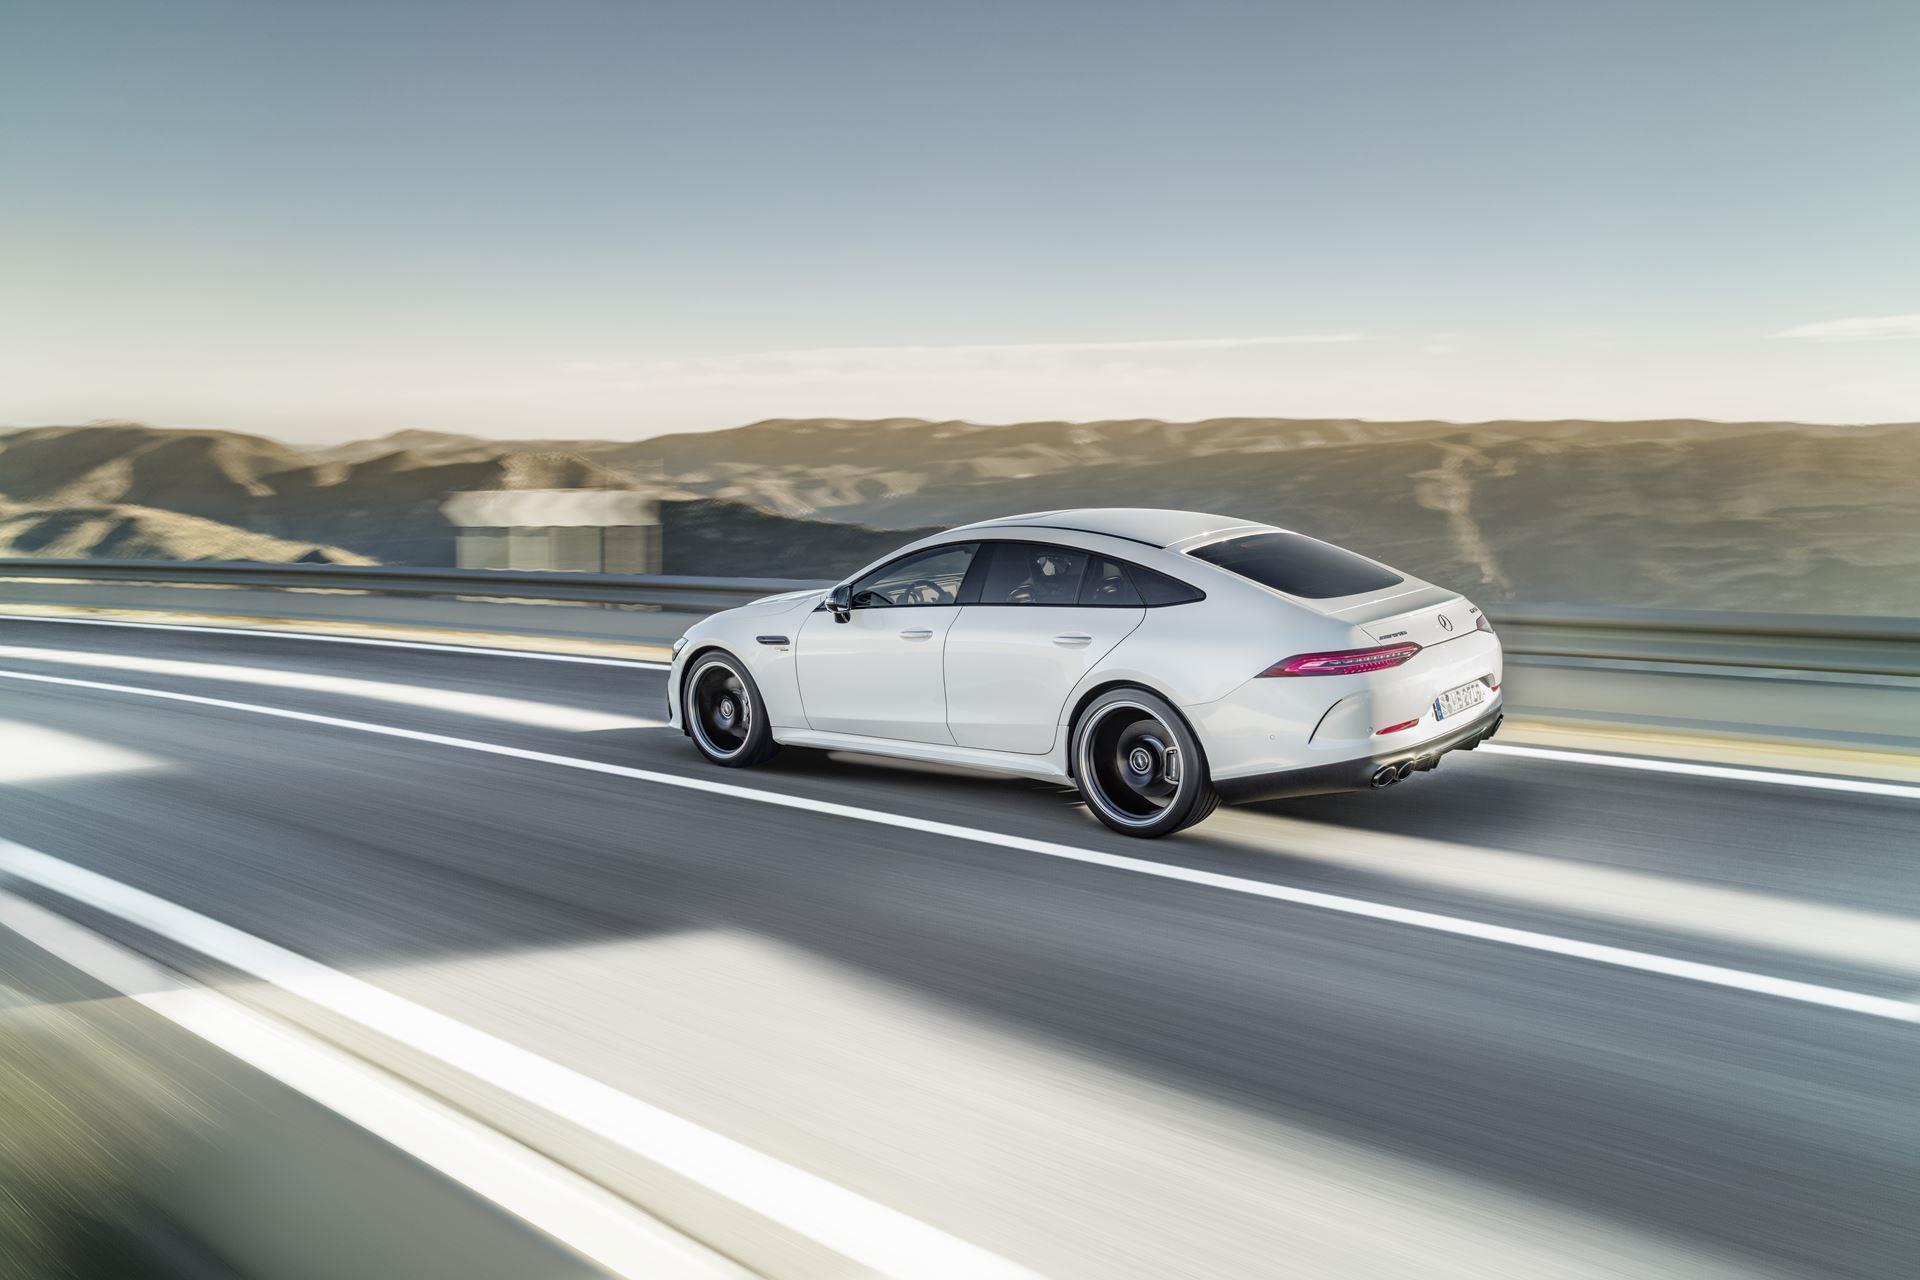 2018 Mercedes-Benz AMG GT 4-Door Coupe